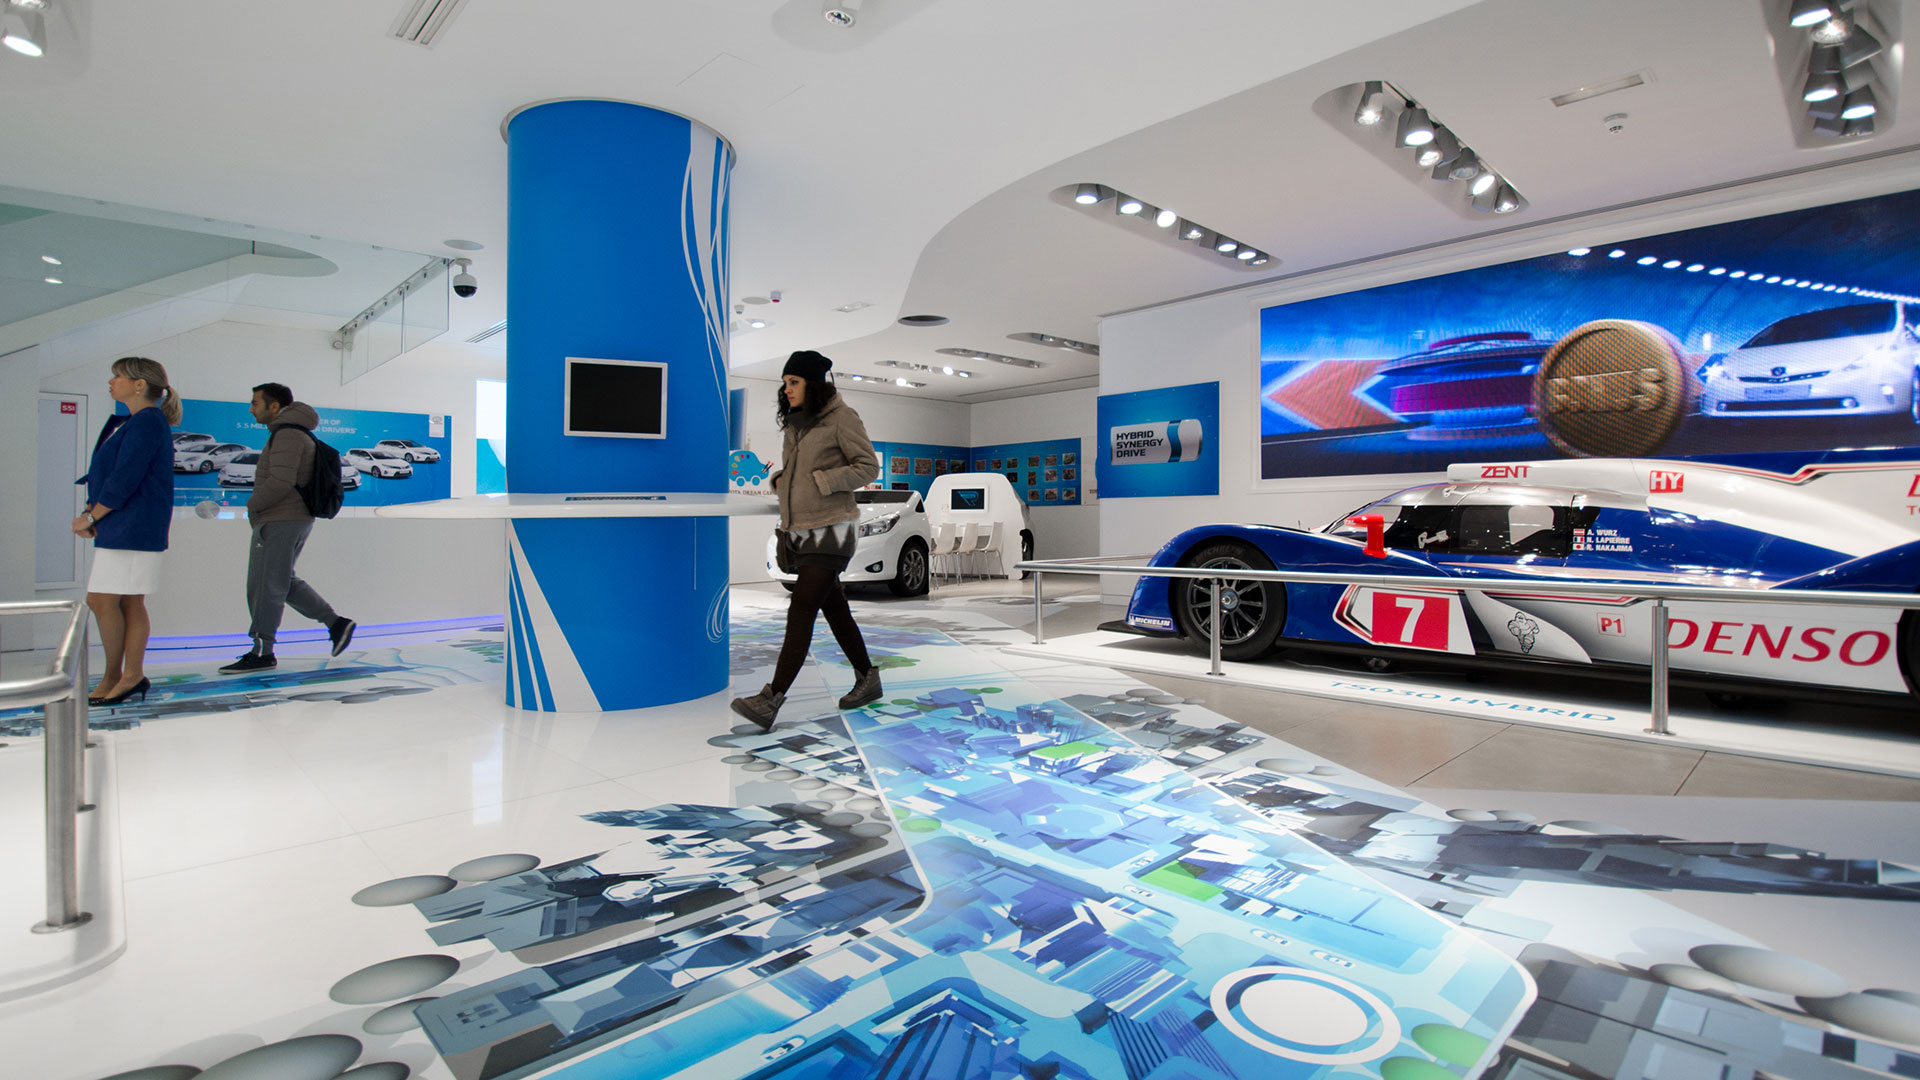 Toyota Le Rendez Vous Paris Showroom Hybrid Ausstellung Bodengrafik